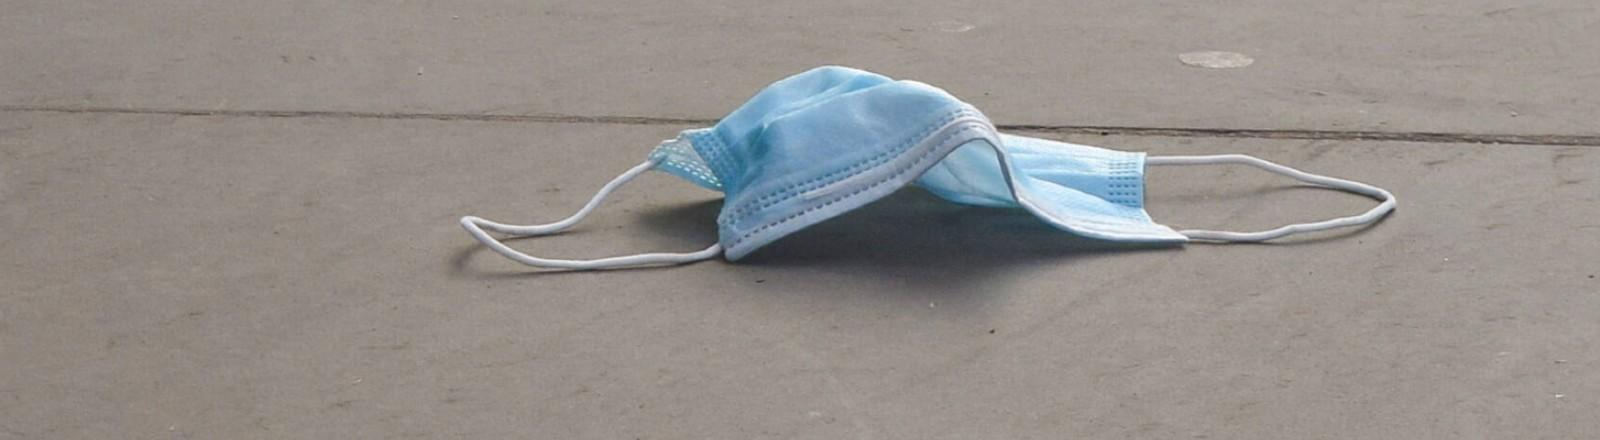 Eine blaue OP-Maske liegt in London auf der Straße